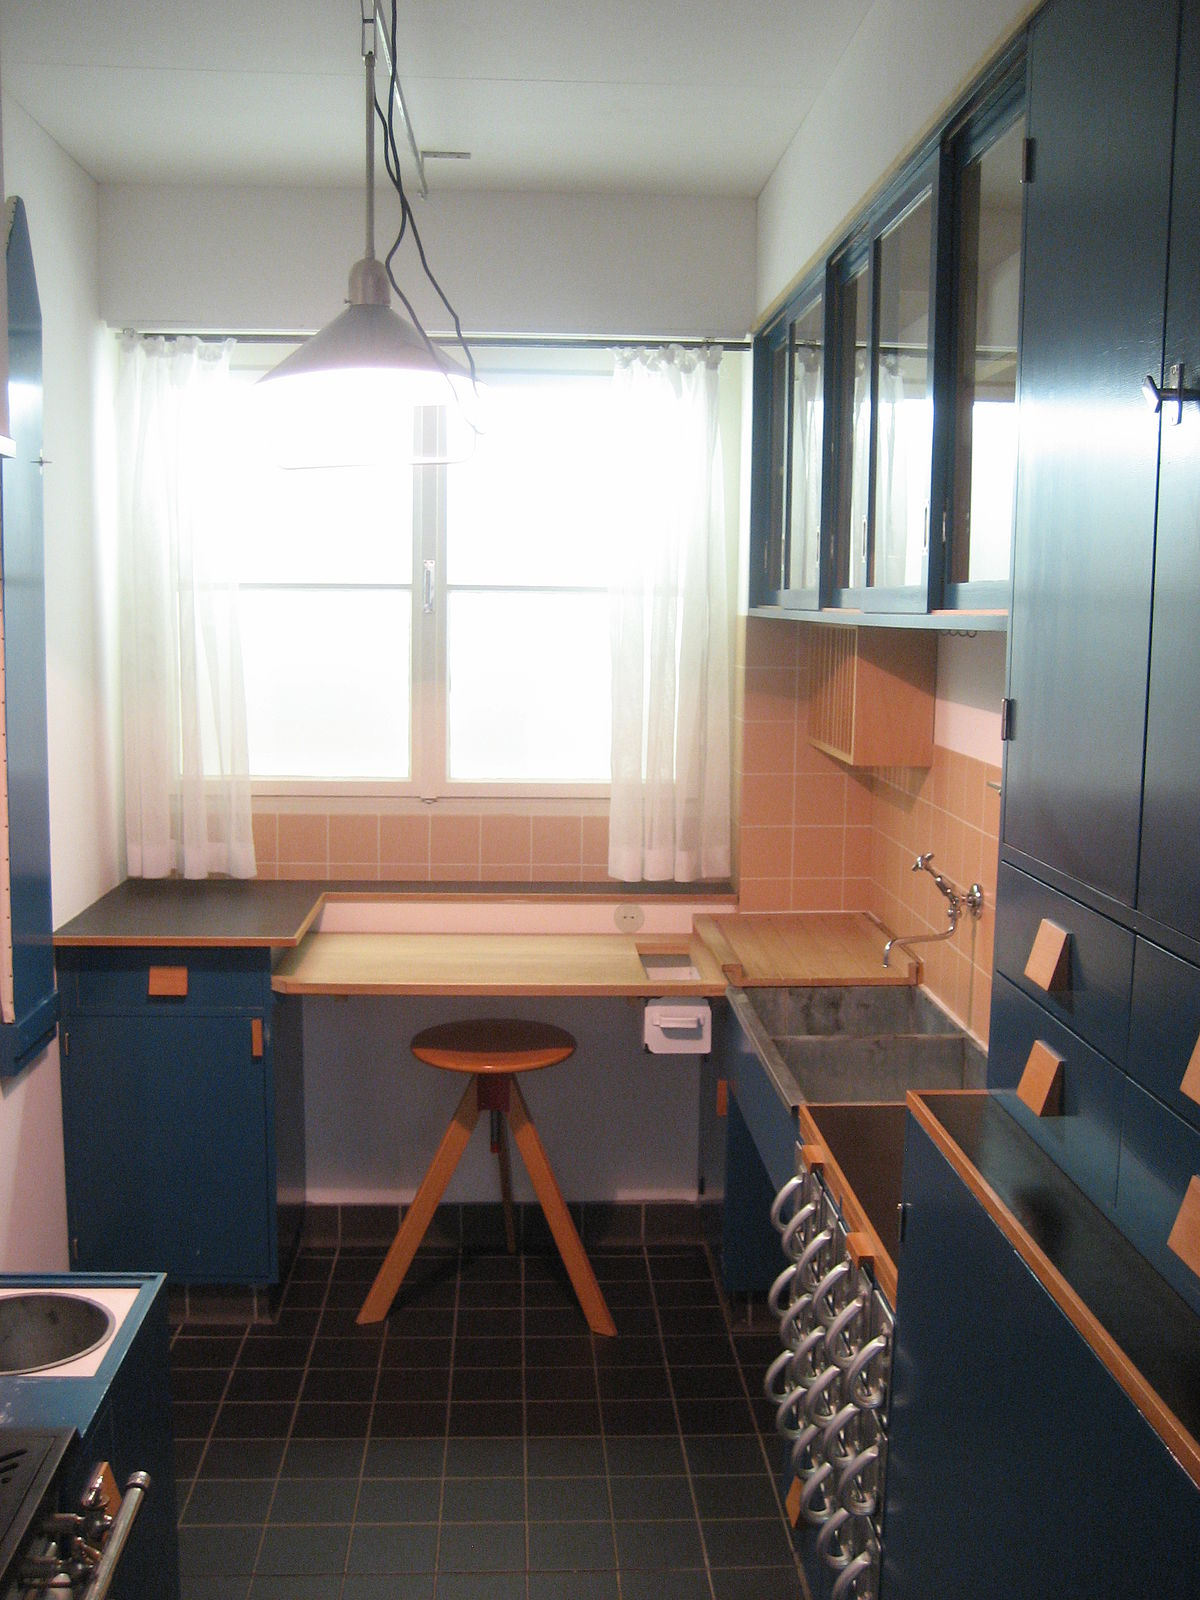 Full Size of Einbaukche Wikipedia Amerikanische Betten Outdoor Küche Kaufen Amerikanisches Bett Küchen Regal Wohnzimmer Amerikanische Outdoor Küchen